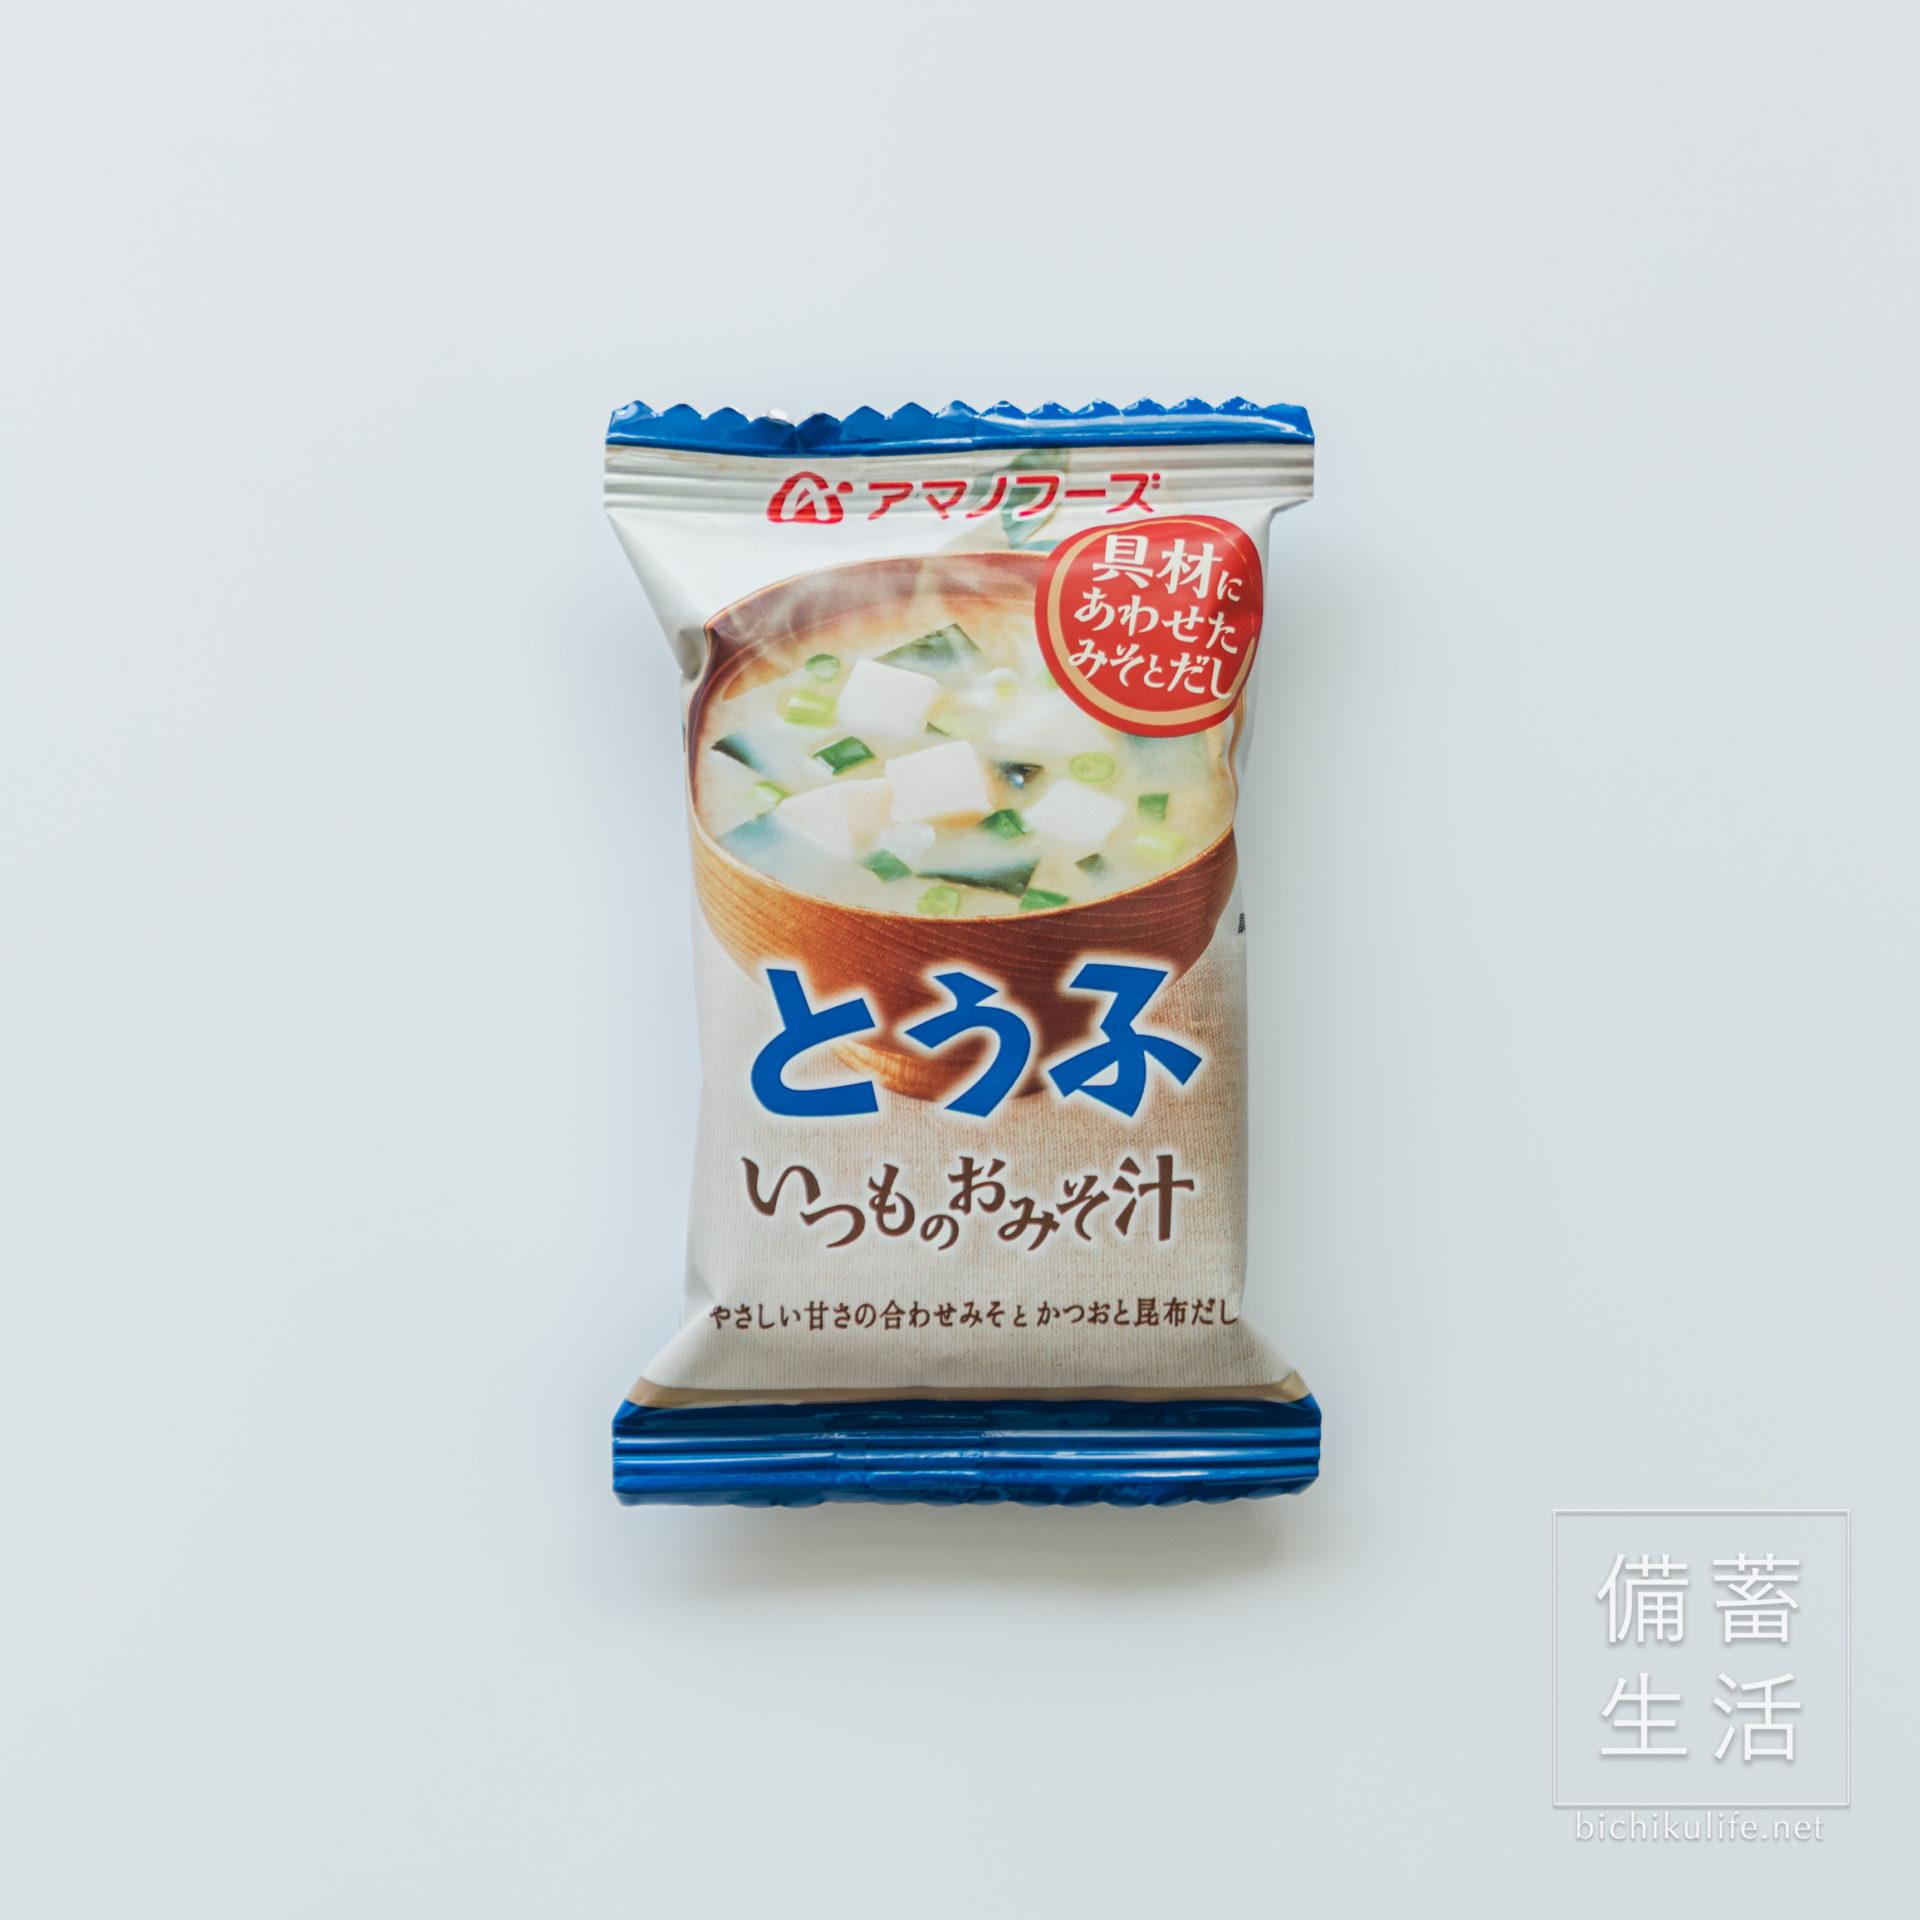 アマノフーズ いつものおみそ汁、豆腐